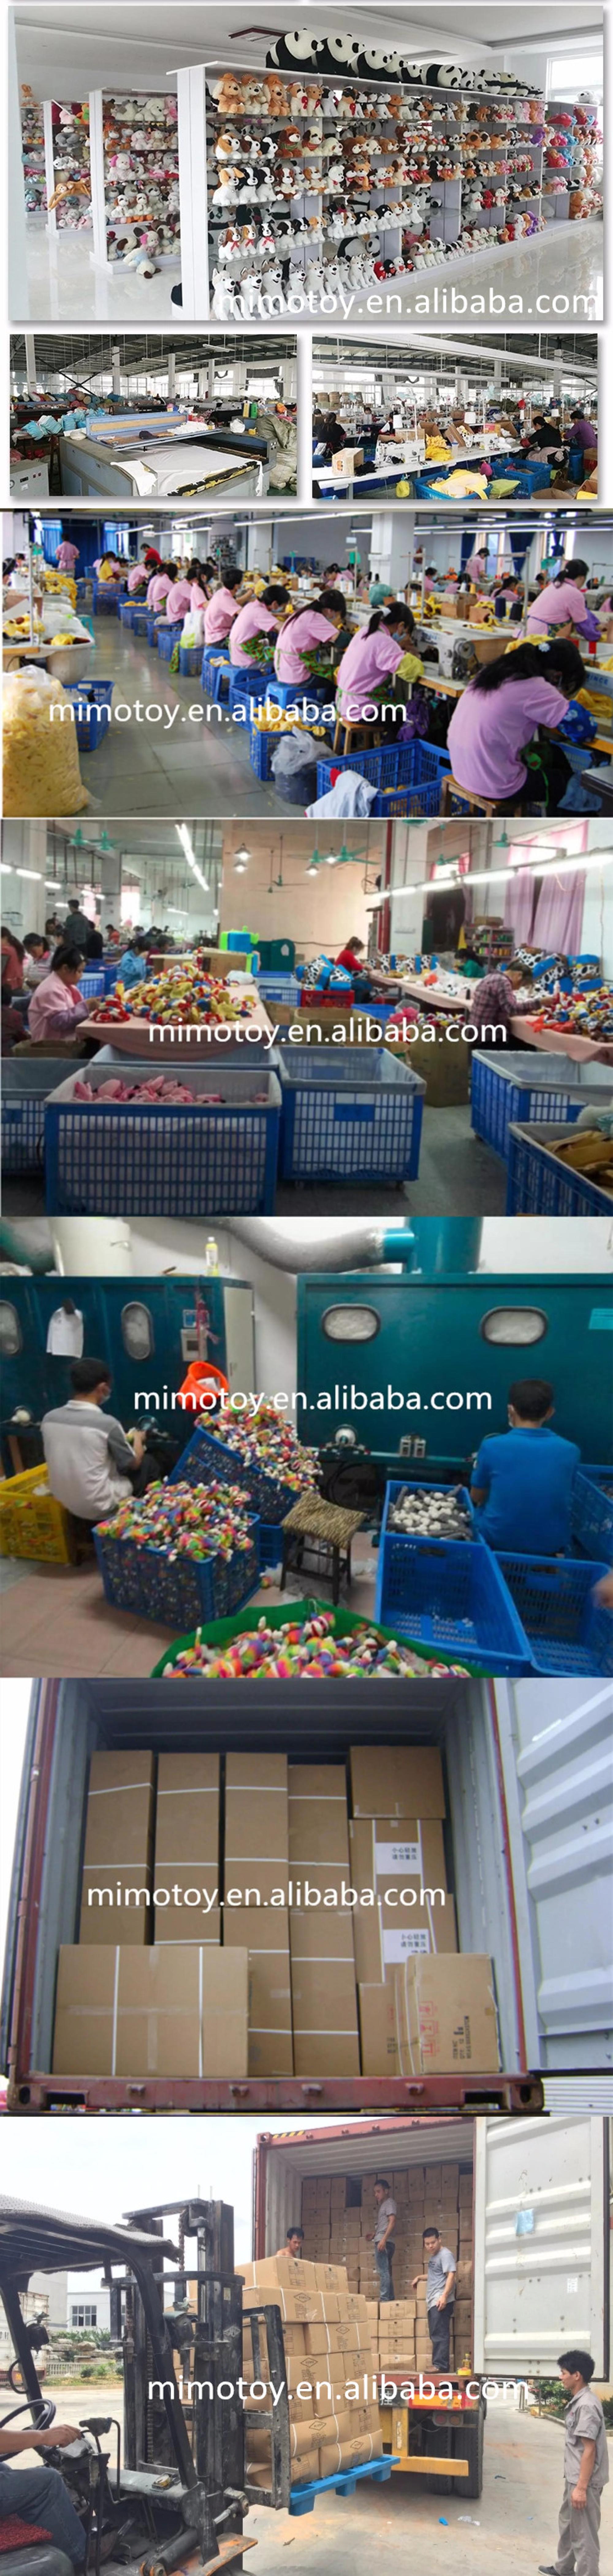 ราคาถูก 300 ซม. การ์ตูนน่ารักเด็ก Plush ของเล่นขนาดใหญ่ Big Panda ตุ๊กตาหมีแฟชั่นต่ำ MOQ ตุ๊กตาตุ๊กตาสัตว์ตุ๊กตาของเล่น Giant Panda